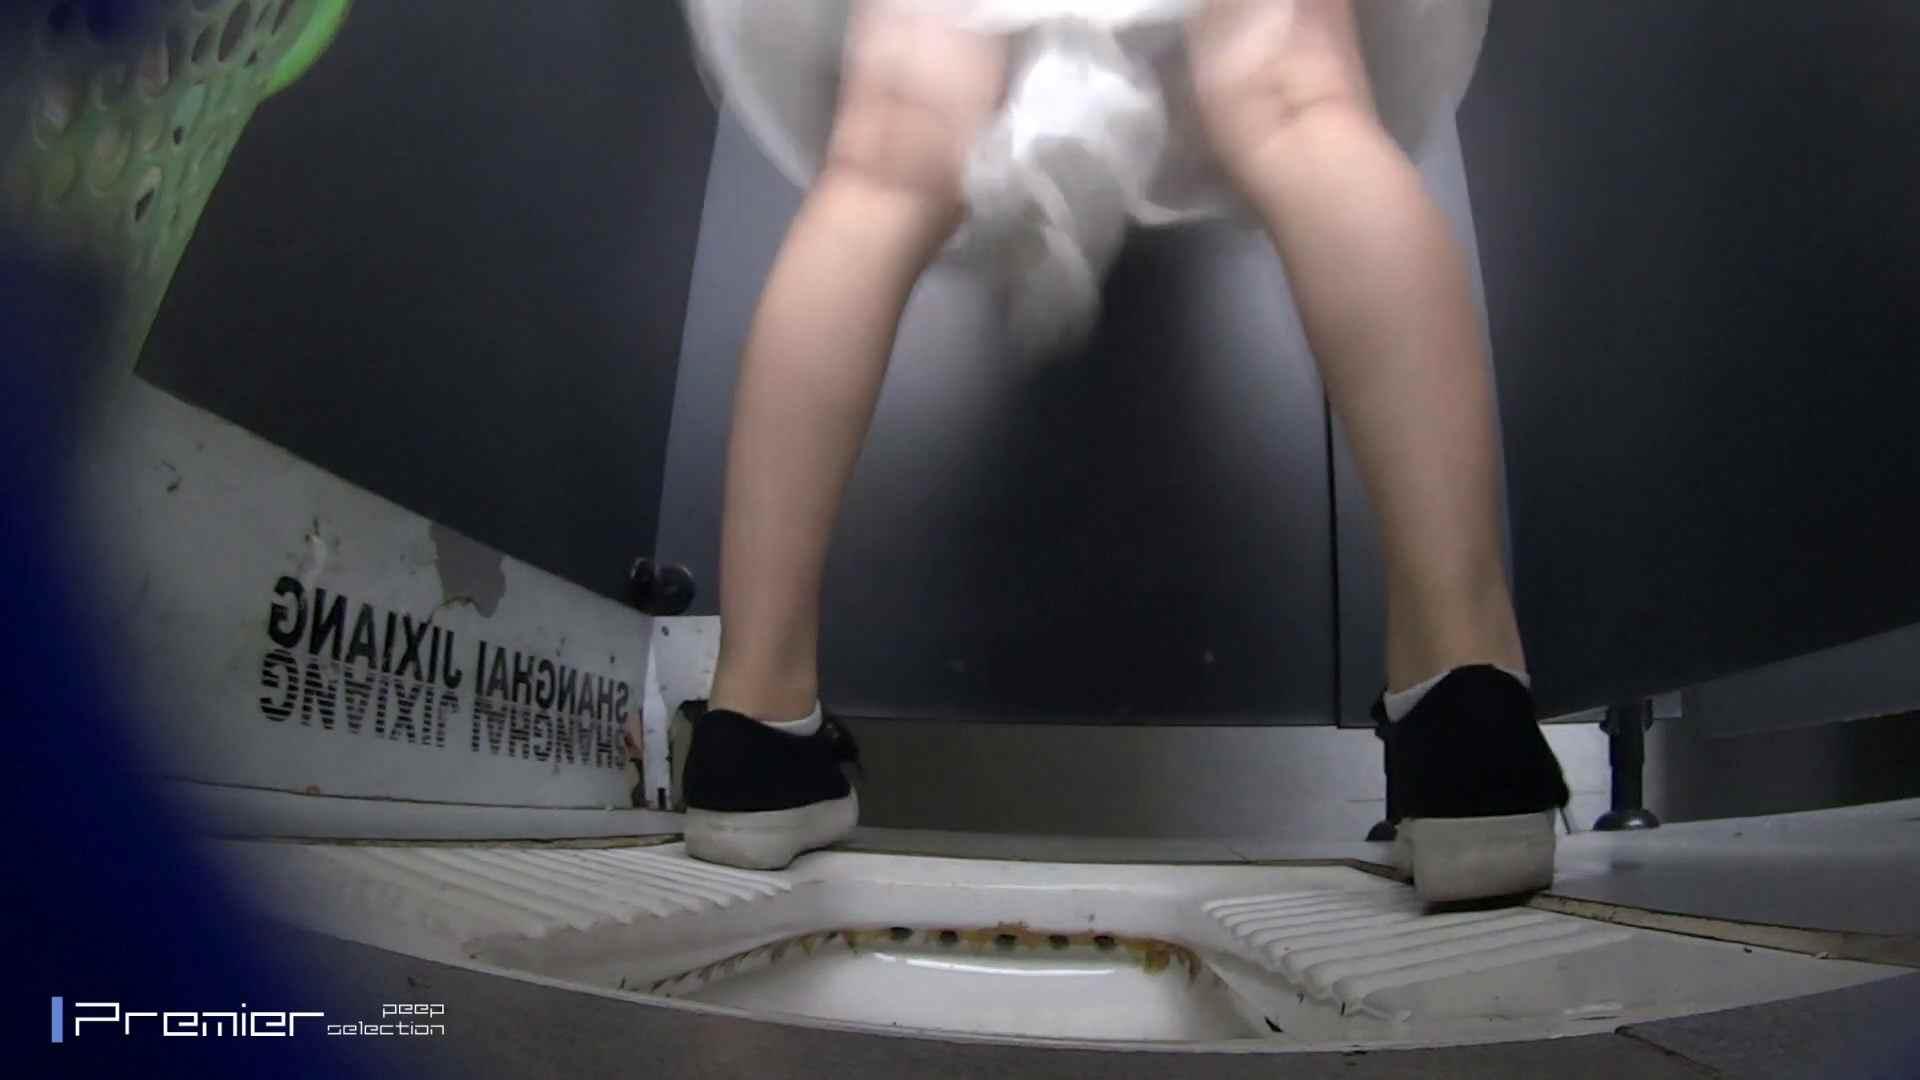 ポチャが多めの洗面所 大学休憩時間の洗面所事情45 0  86連発 14